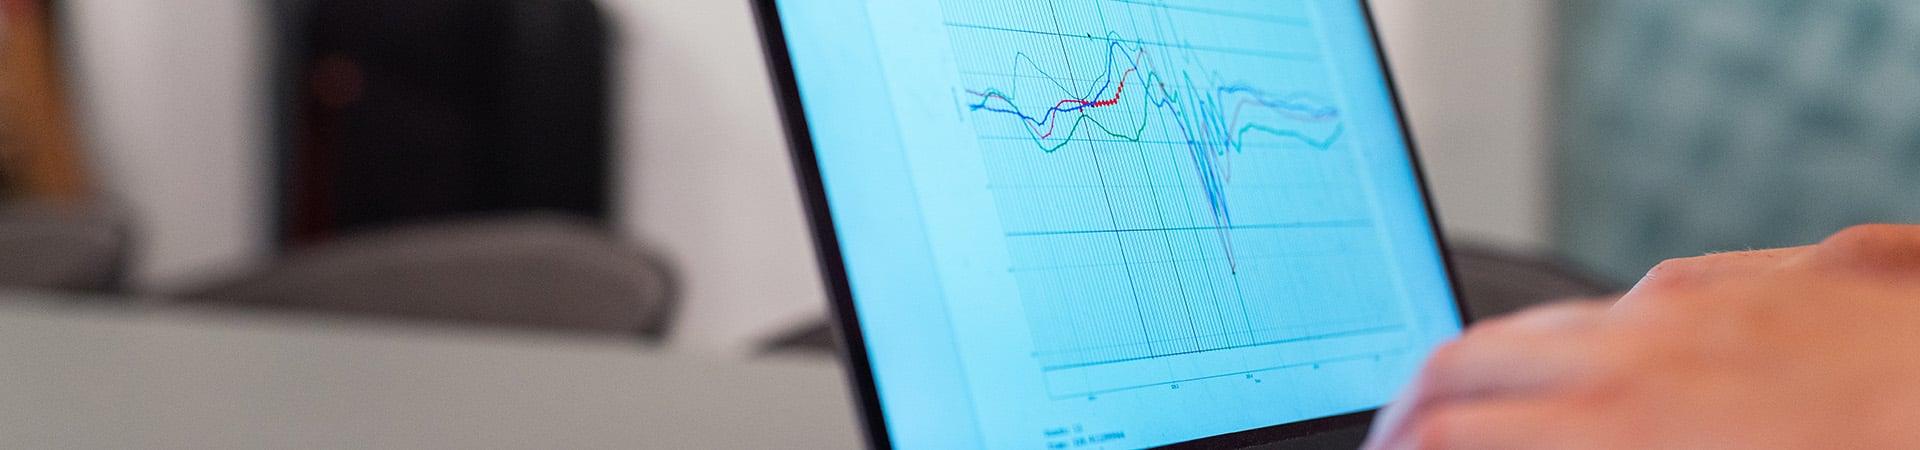 analyzing-graph-data